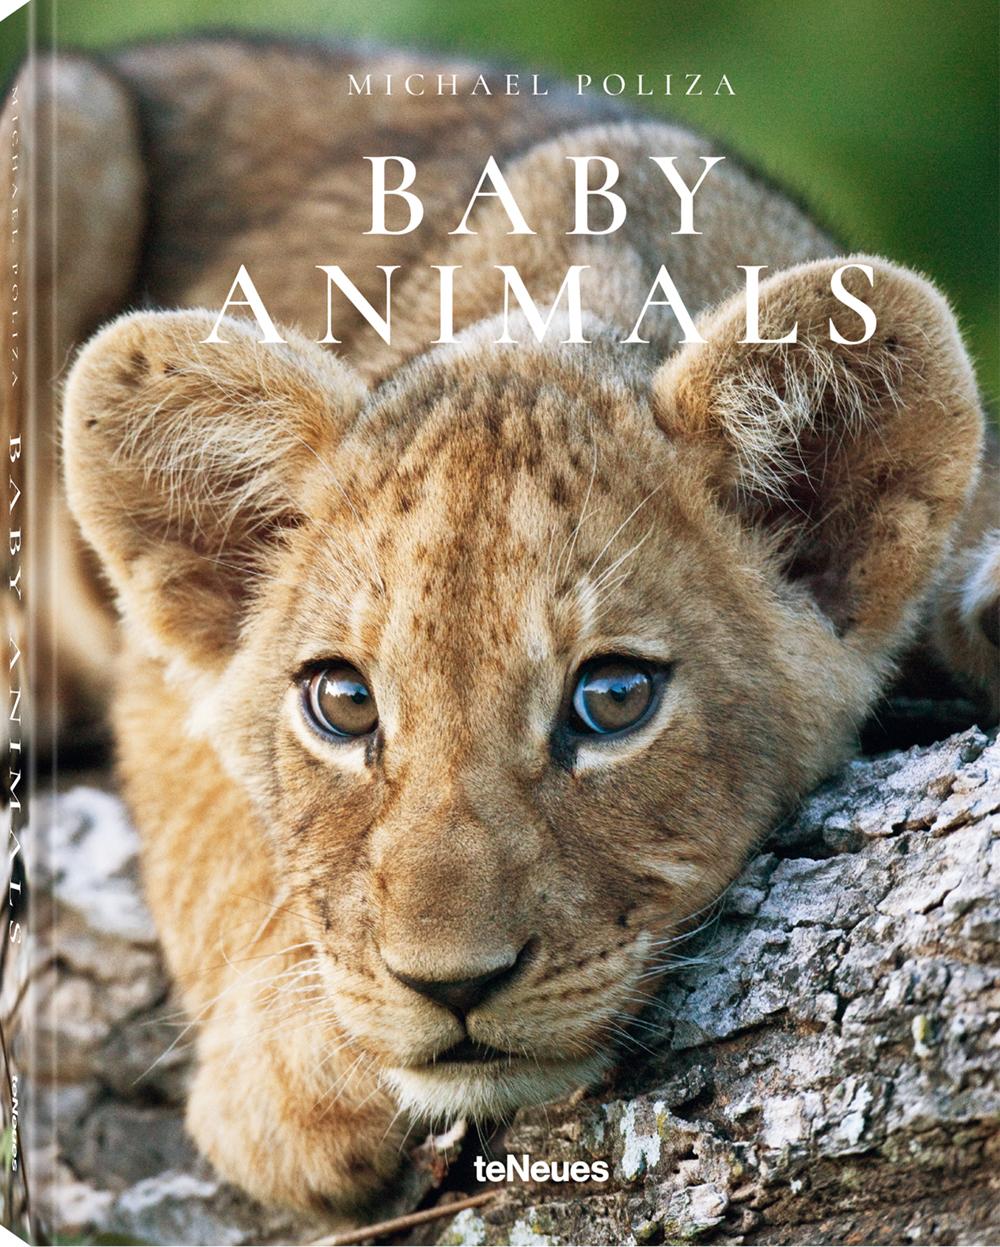 Für das Buch:   © Baby Animals von Michael Poliza, erschienen bei teNeues, € 14,99,   www.teneues.com